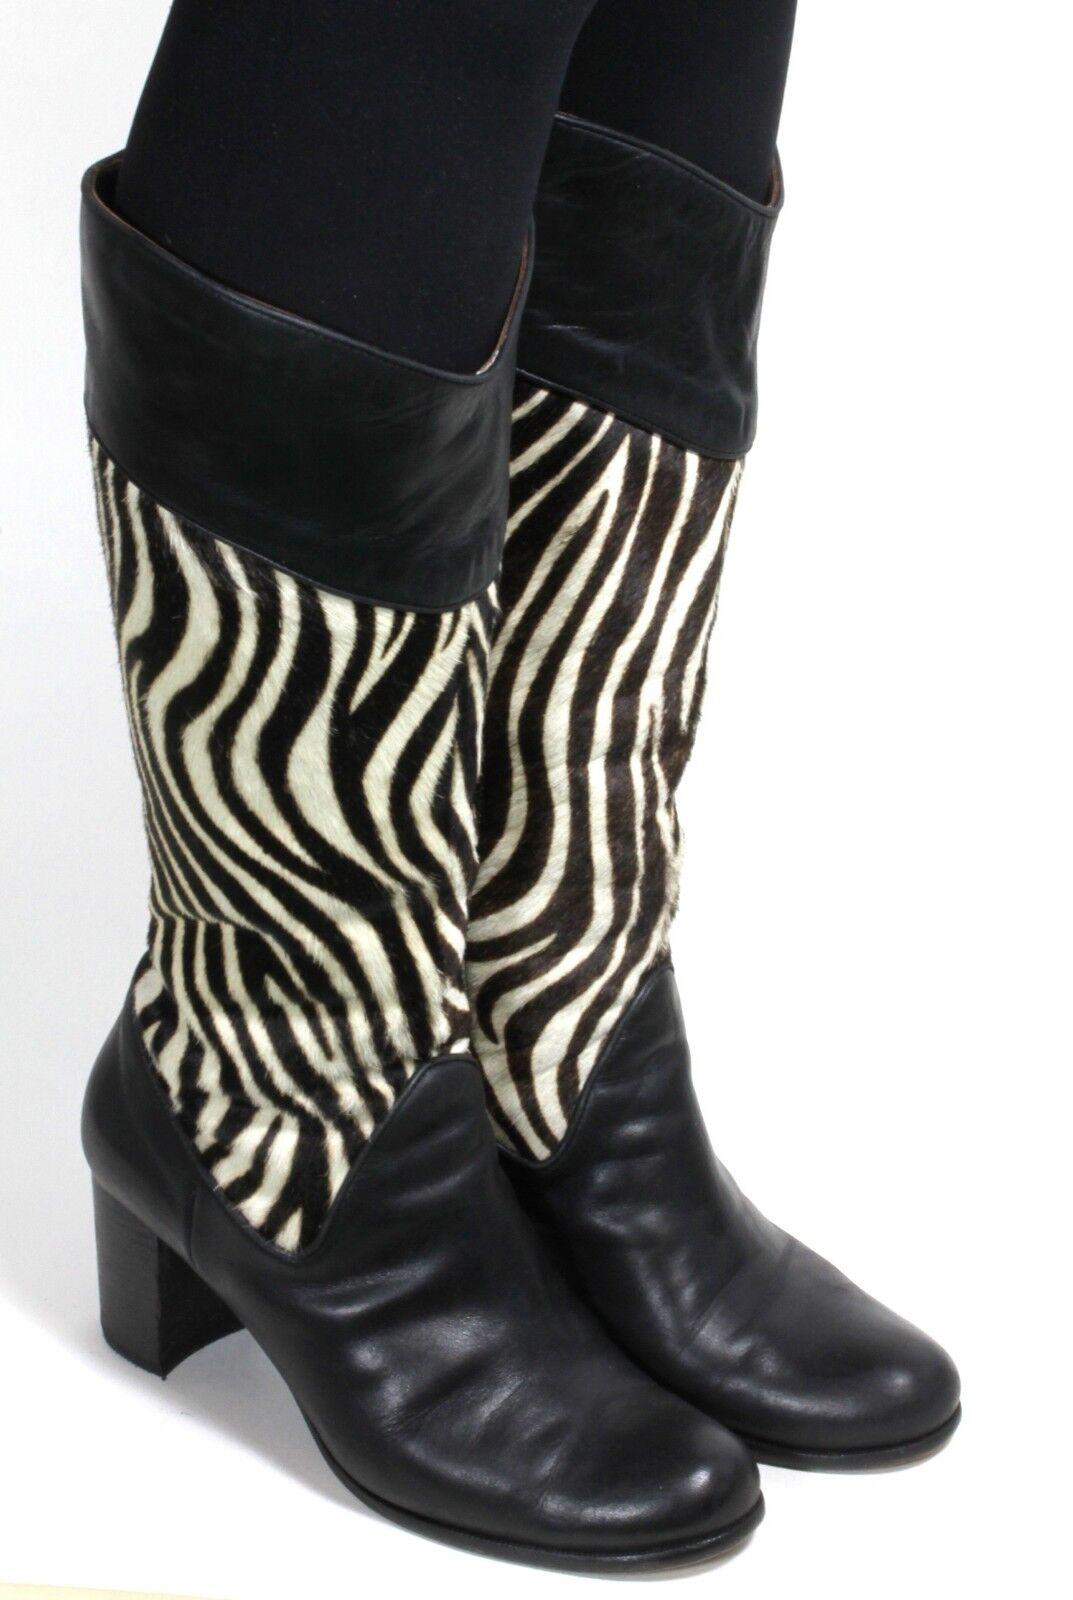 Damenstiefel Vintage Stiefel Grunge Gothic Zipper Rockabilly Kuhfell Punk 39